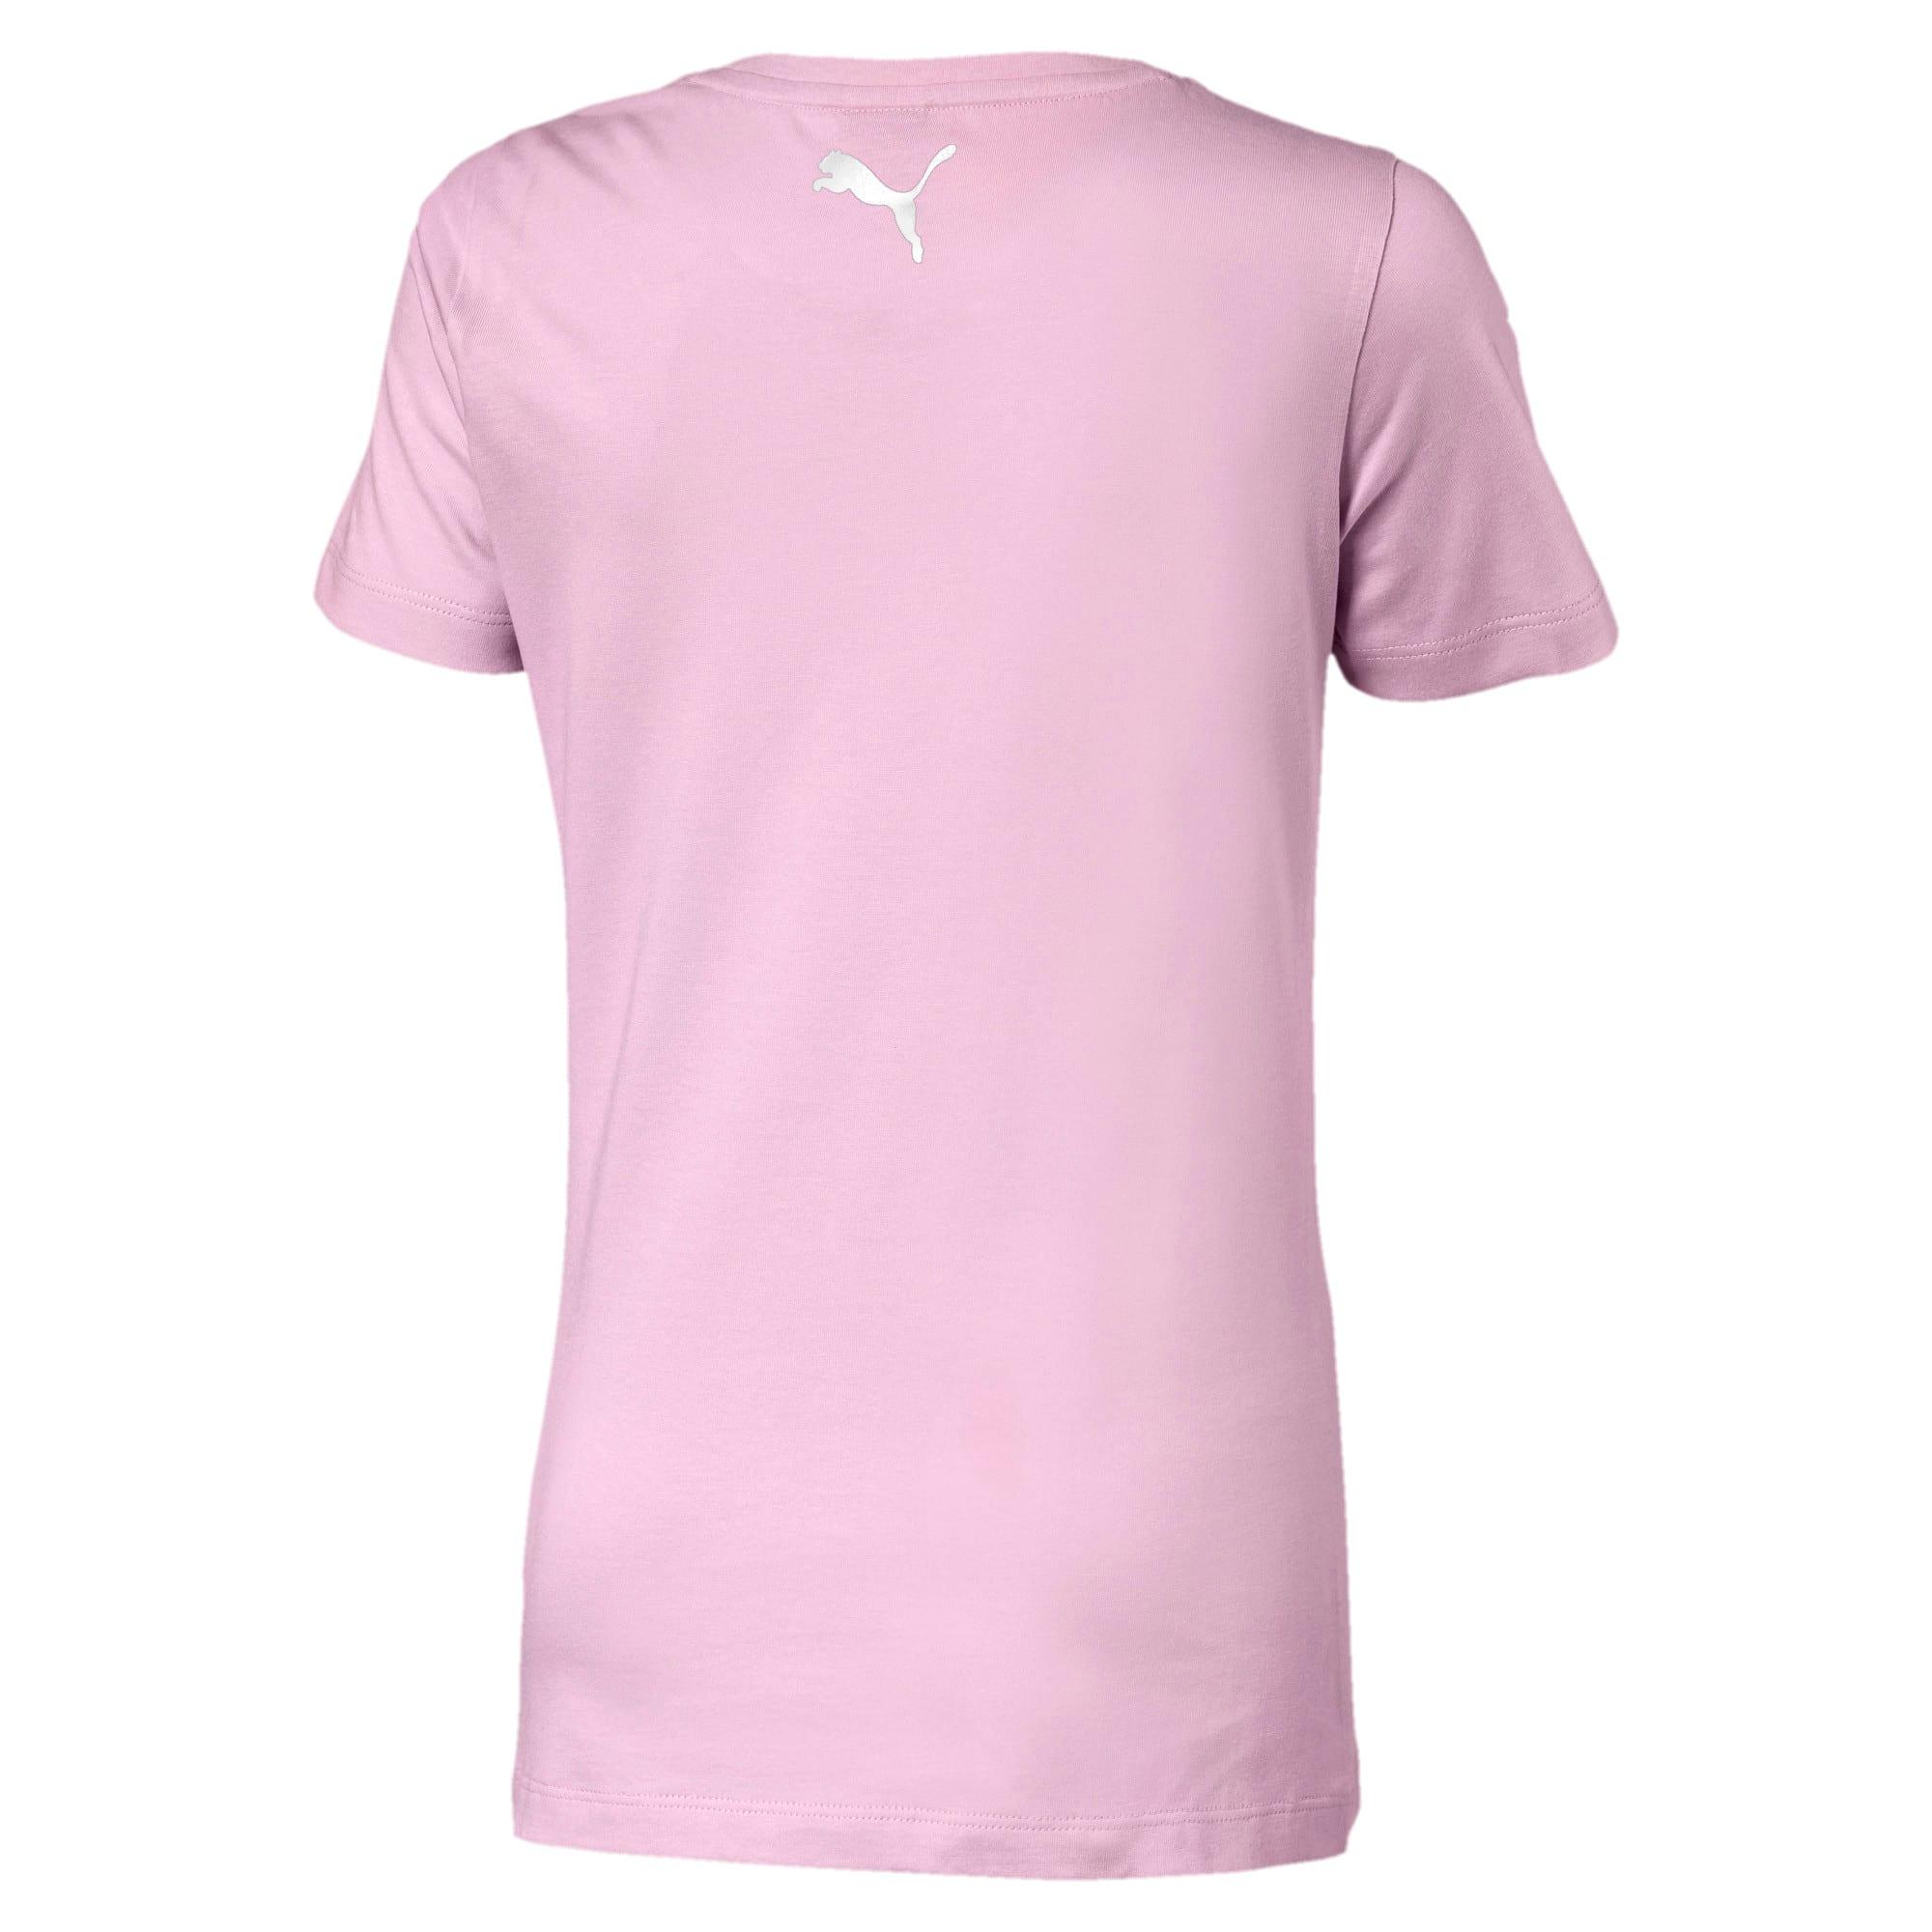 Thumbnail 2 of Alpha Logo Girls' Tee, Pale Pink, medium